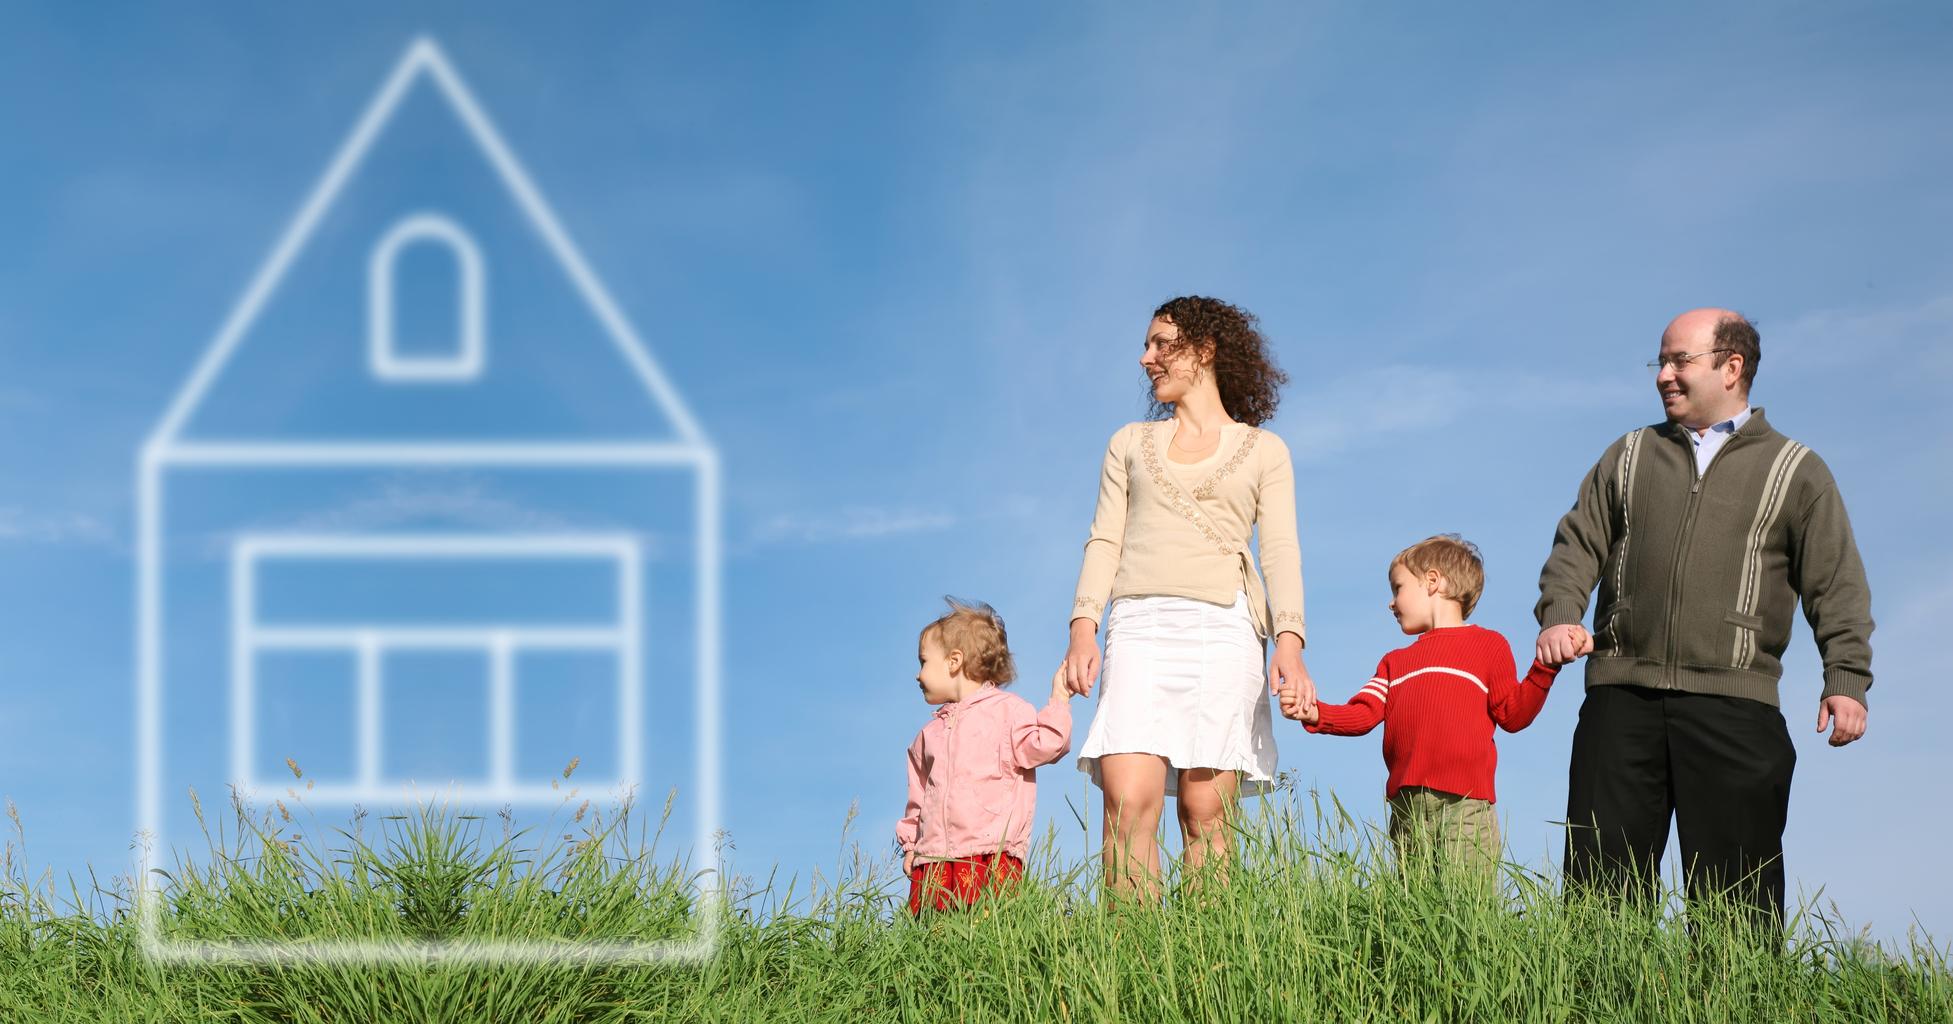 013024687_family_grass_house_dream